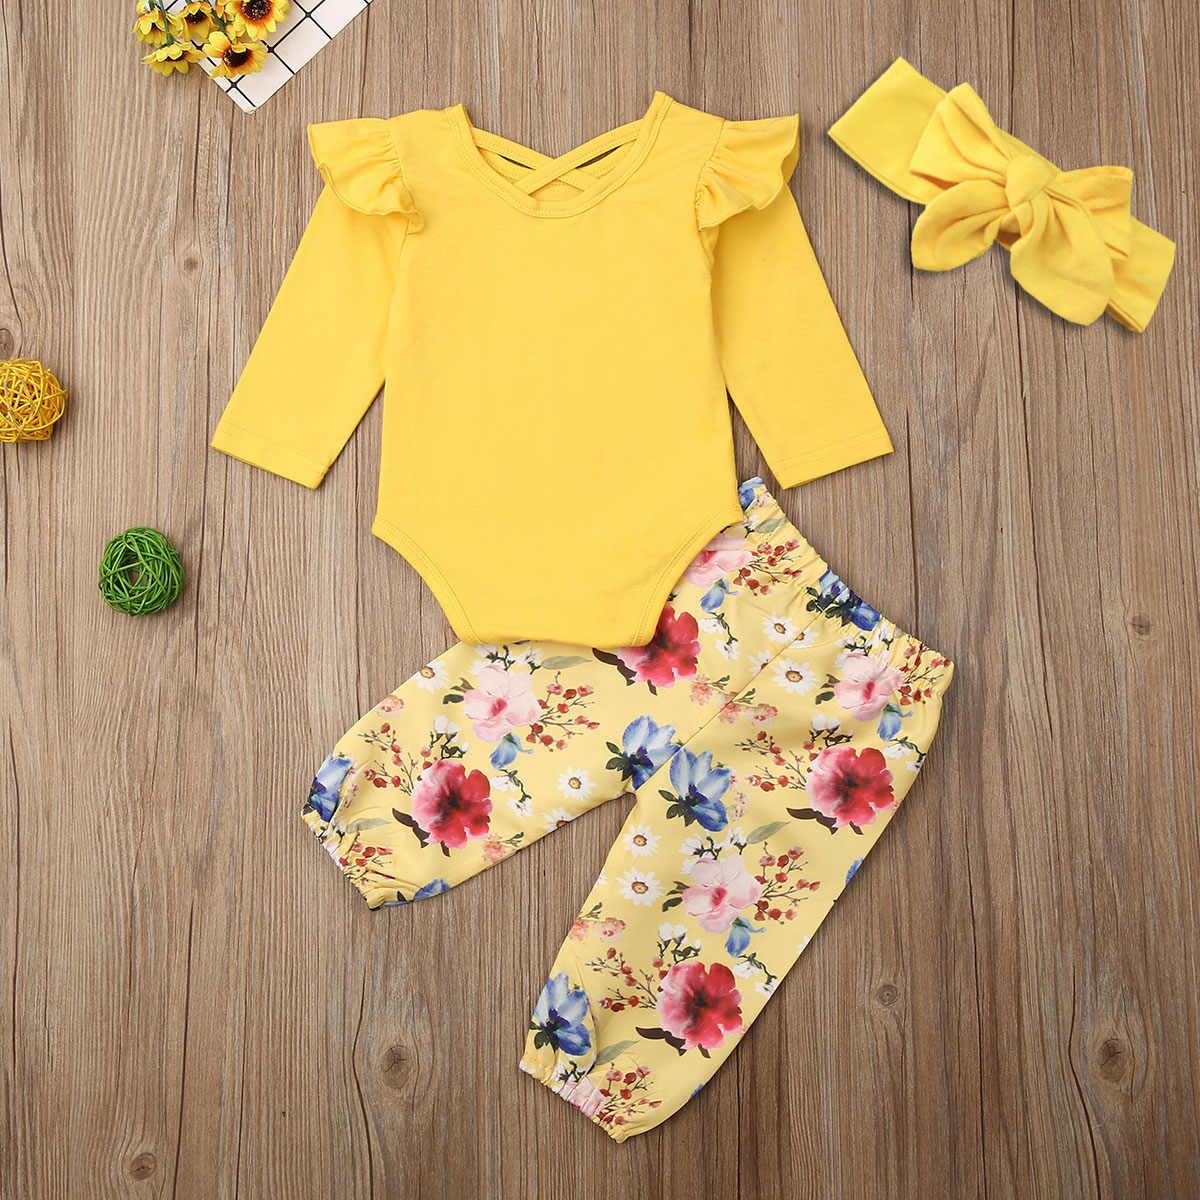 3 uds. Ropa de niña recién nacida con volantes mono liso pantalones florales diadema conjunto de trajes de otoño 0-24M